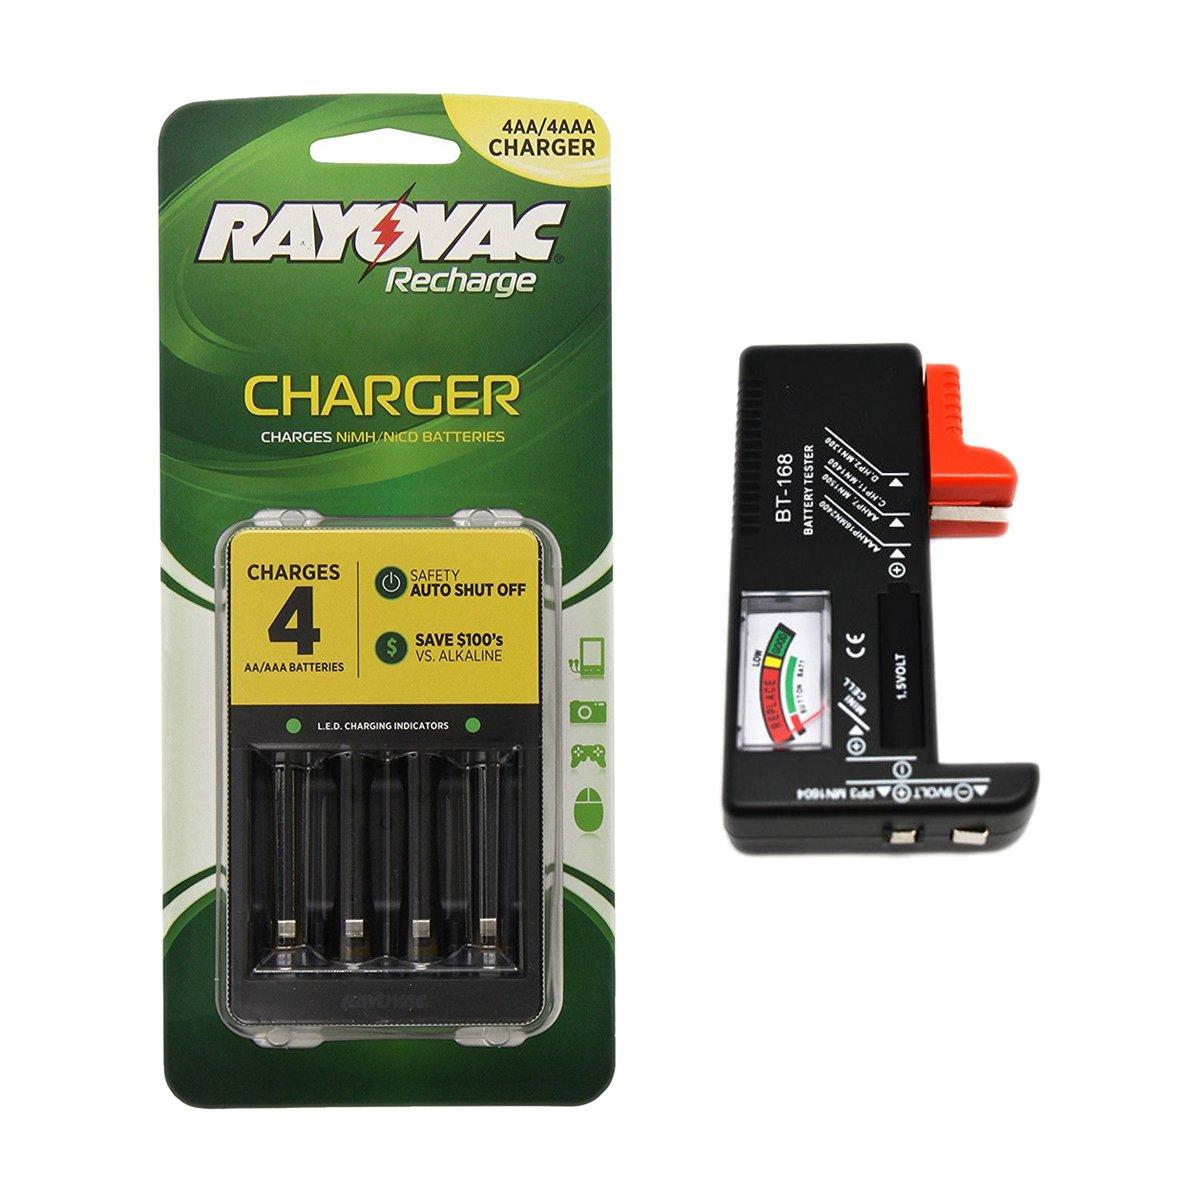 Amazon.com: Rayovac 4 Posición Cargador de batería, AA/AAA ...